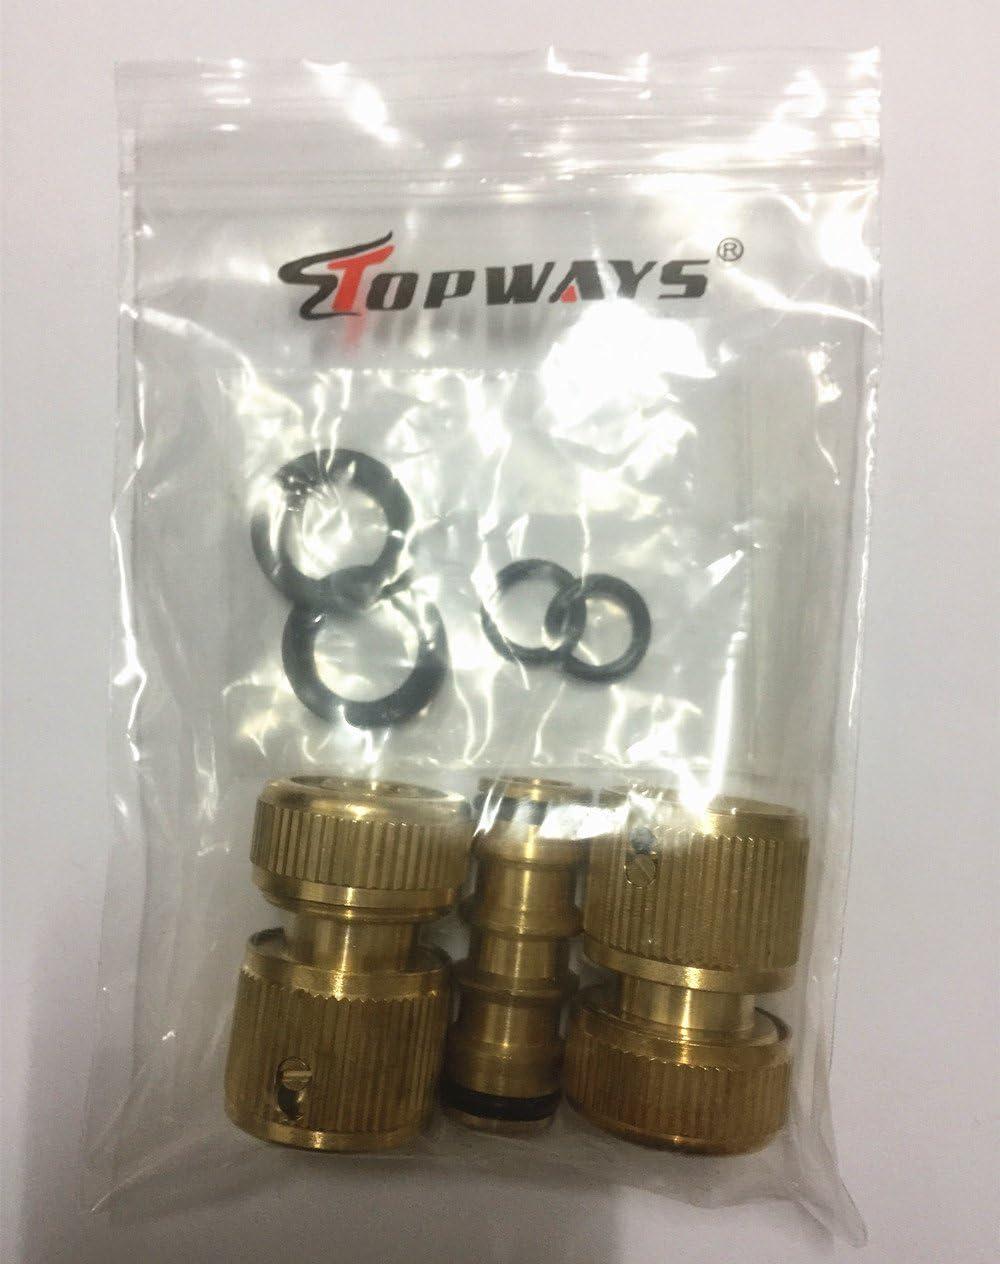 Topways/® Conjunto de reparaci/ón de Manguera 2X Pl/ástico Manguera de Agua de jard/ín de 1//2 Conector Blando de Extremo r/ápido Quick Connector /& 1x Doble Extensor Conector de Manguera Doble Macho